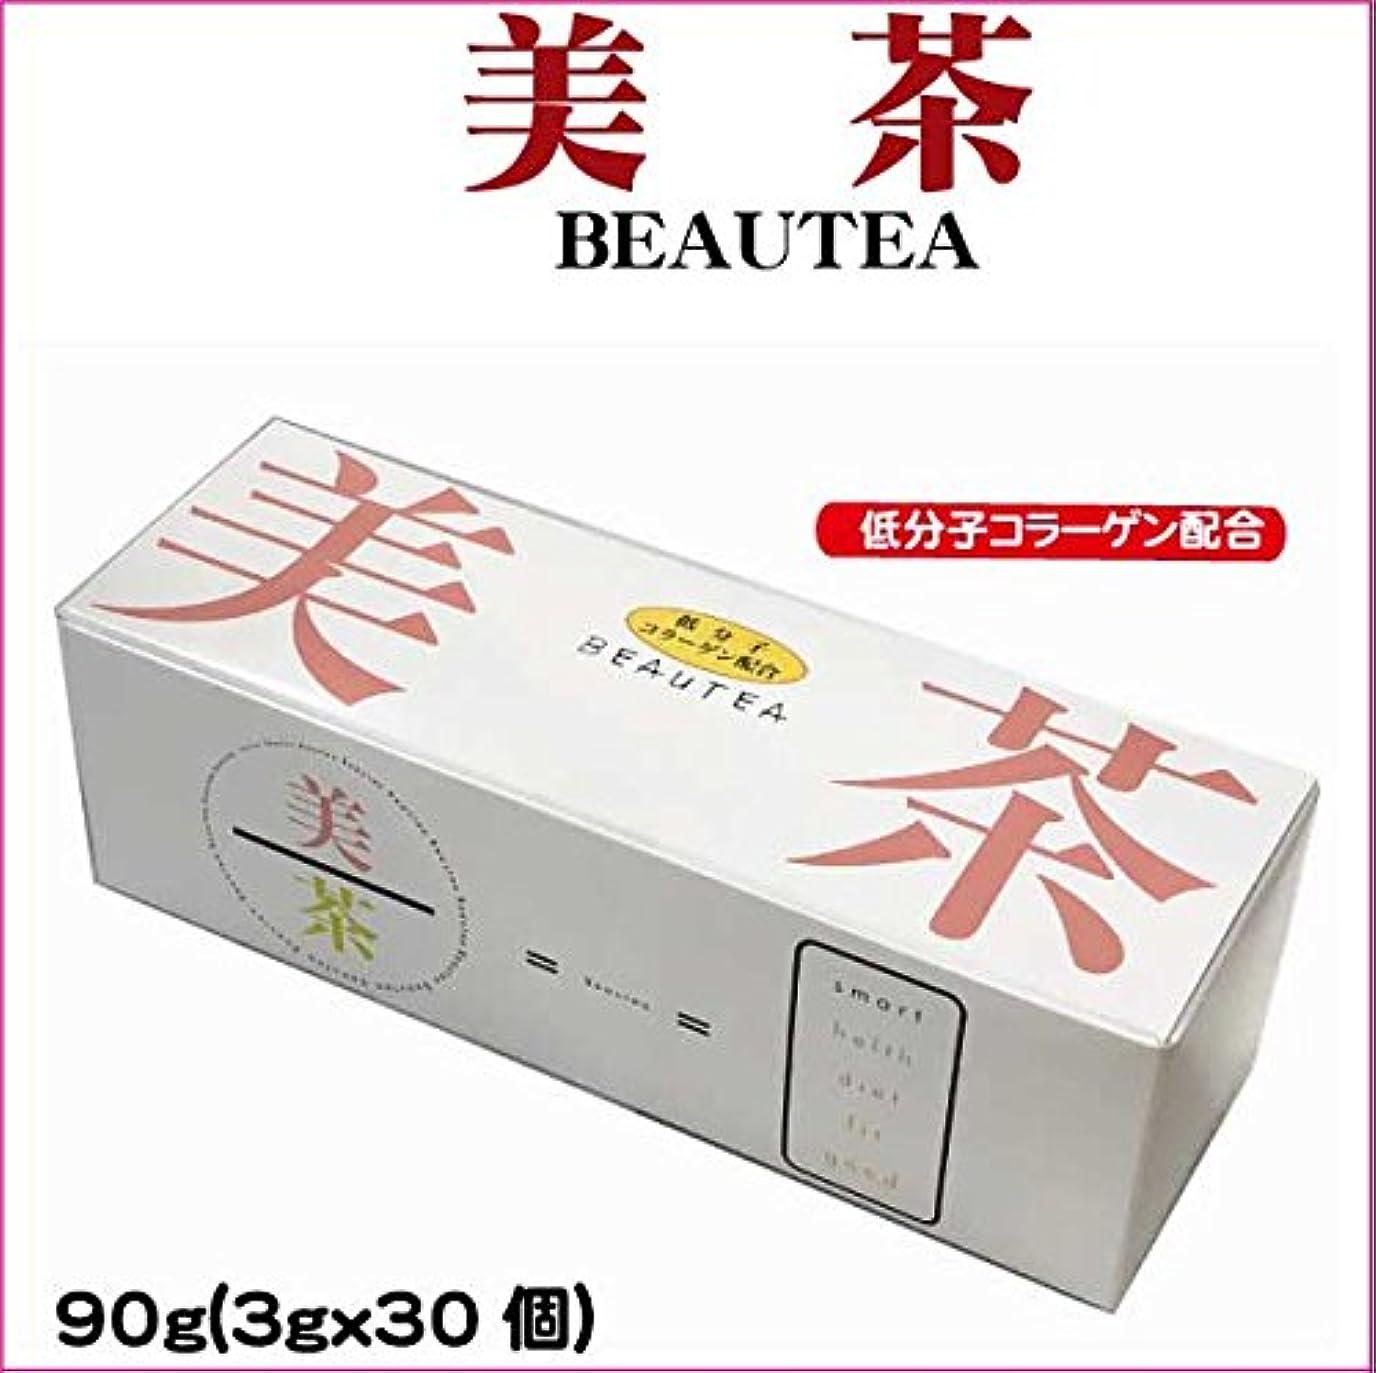 かなり写真の雨のダイエット茶  美茶(beautea)  ほうじ茶ベース?3gX30包み 1箱